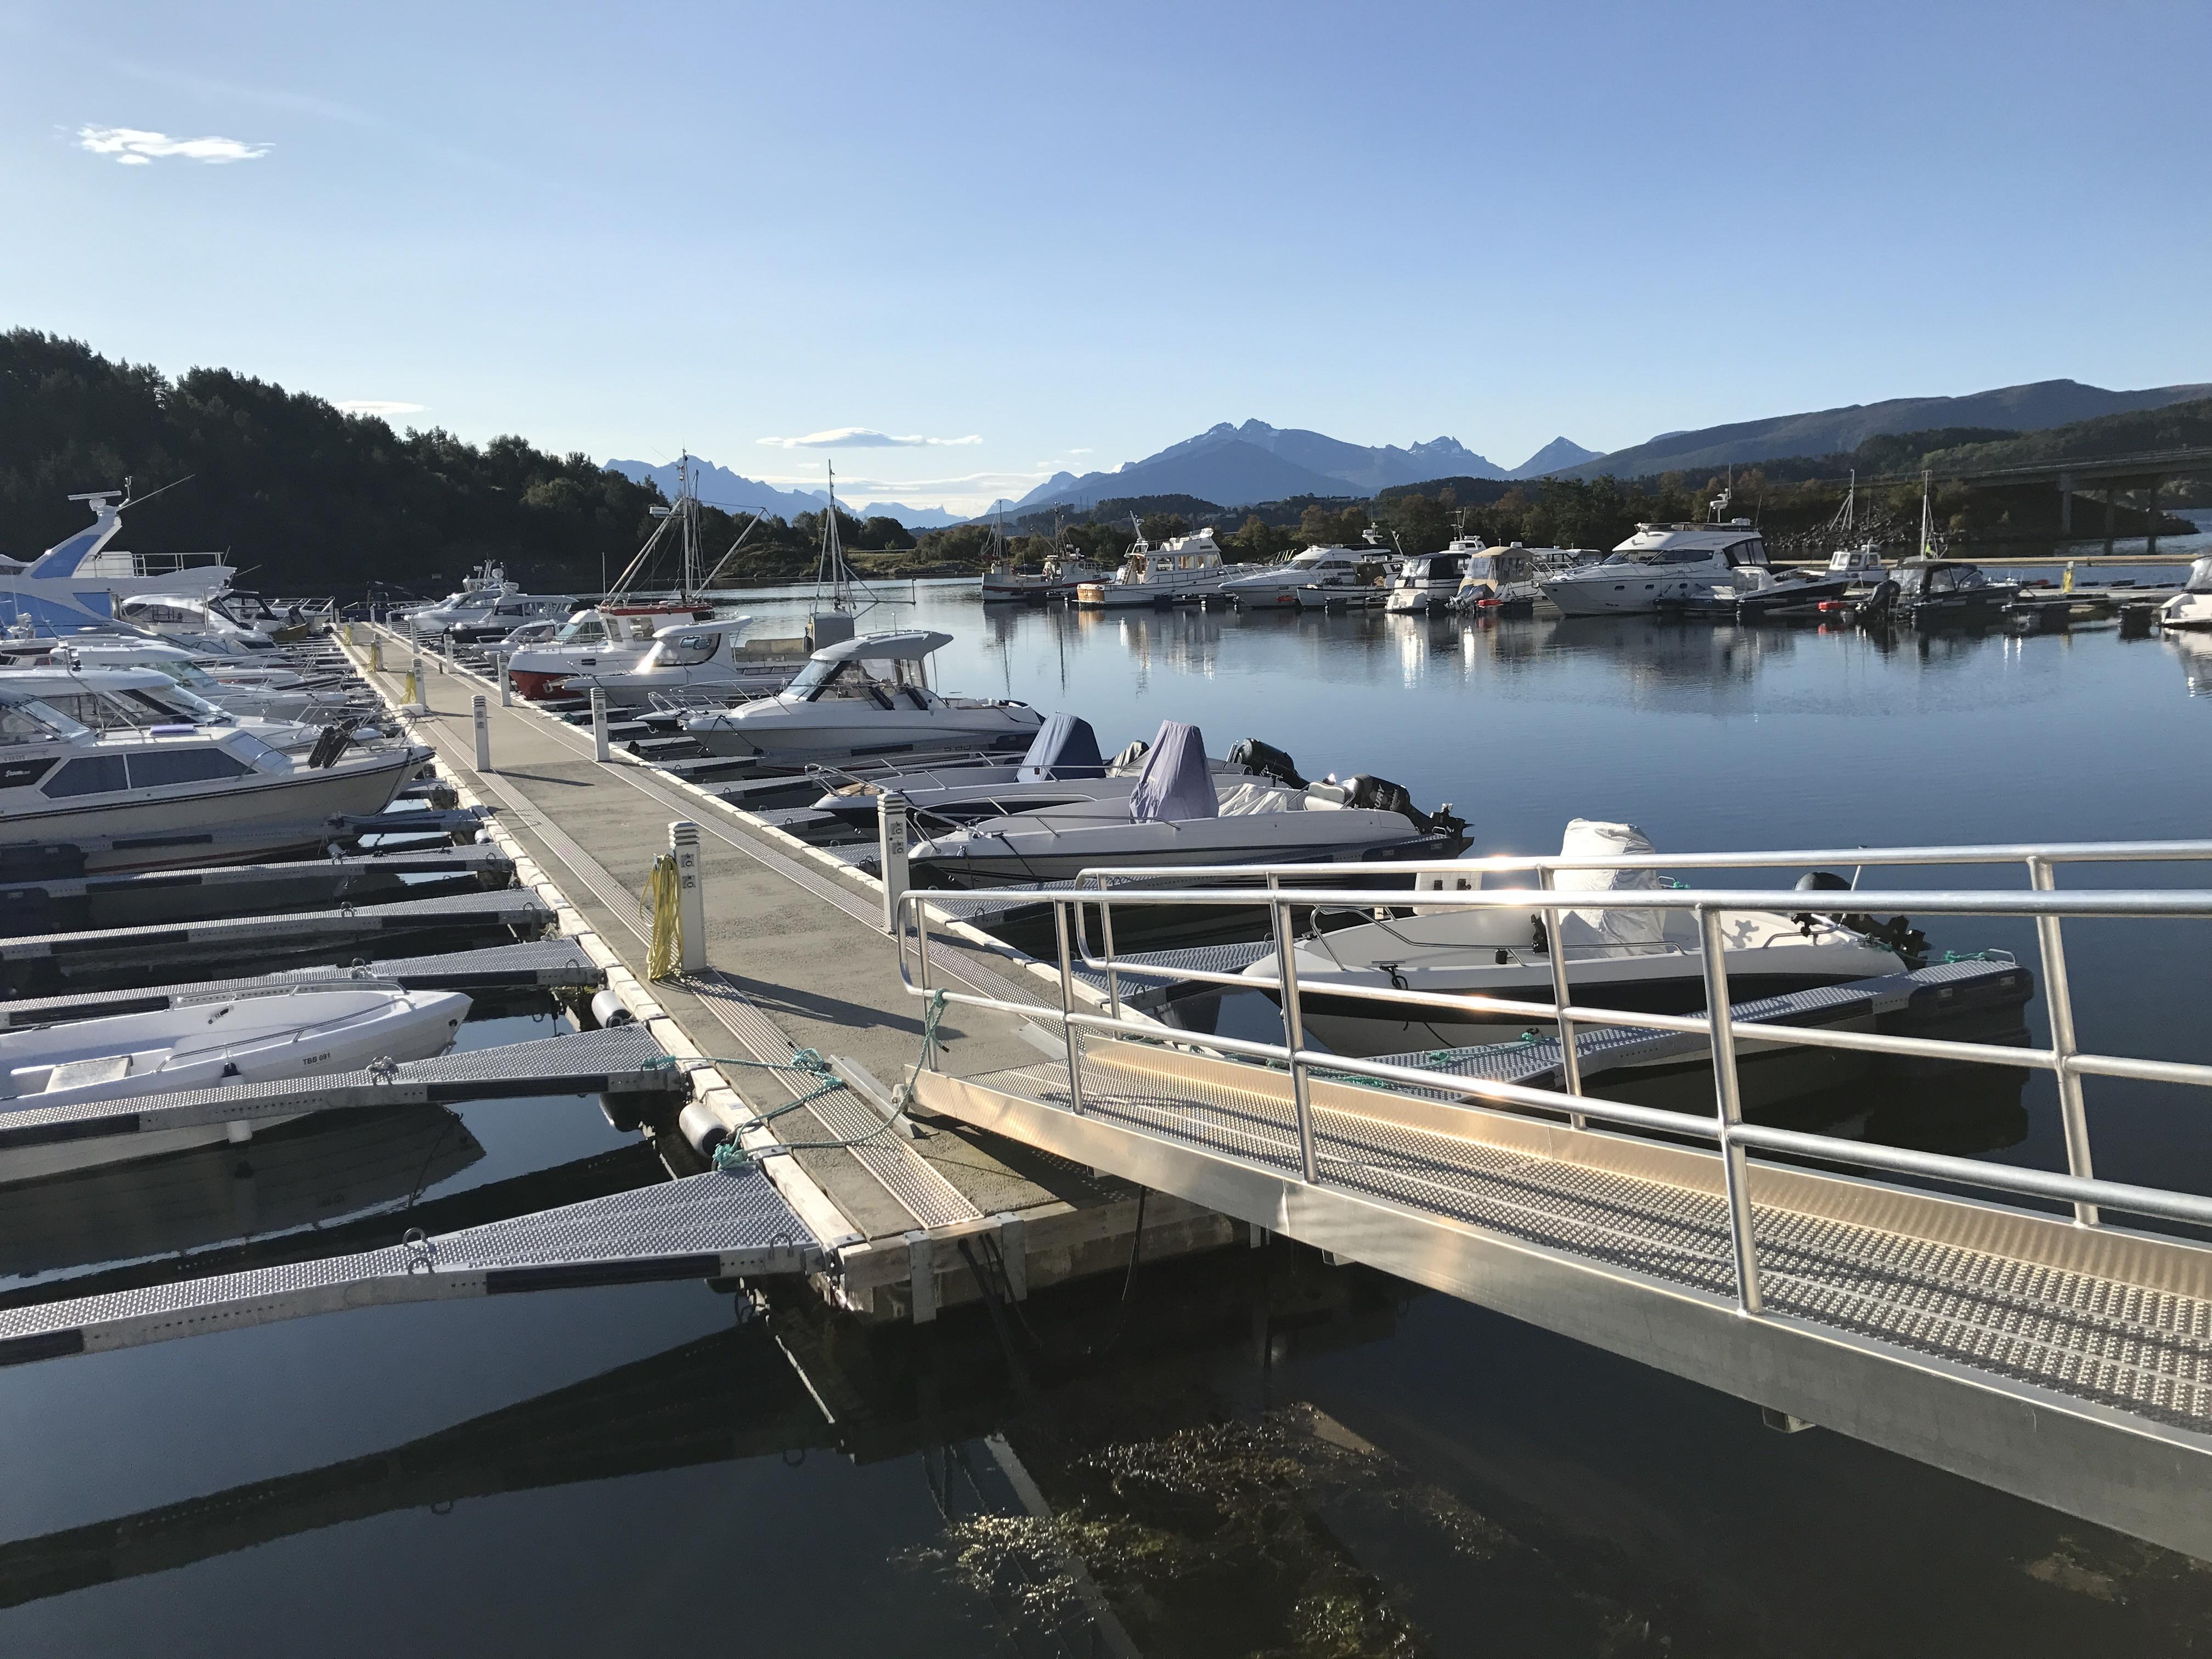 https://marinasolutions.no/uploads/Hovlia-Marina-Ellingsøy-2.JPG